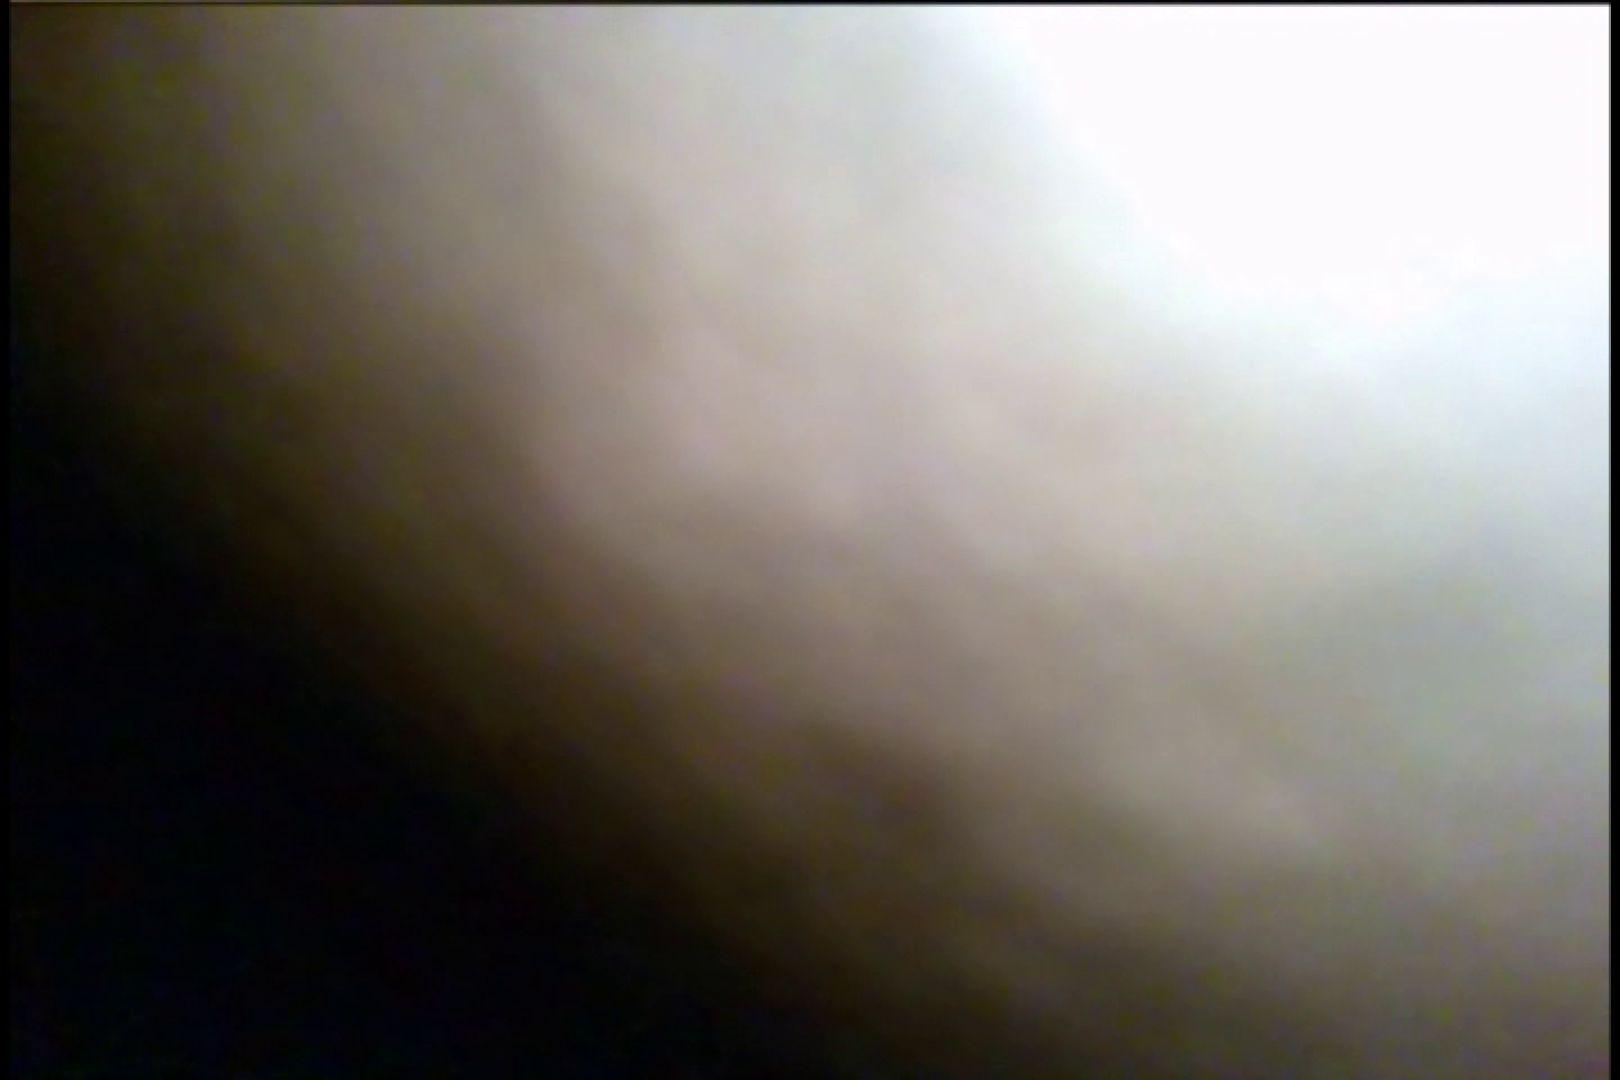 潜入!!女子化粧室盗撮~絶対見られたくない時間~vo,123 熟女 | 盗撮  71pic 22